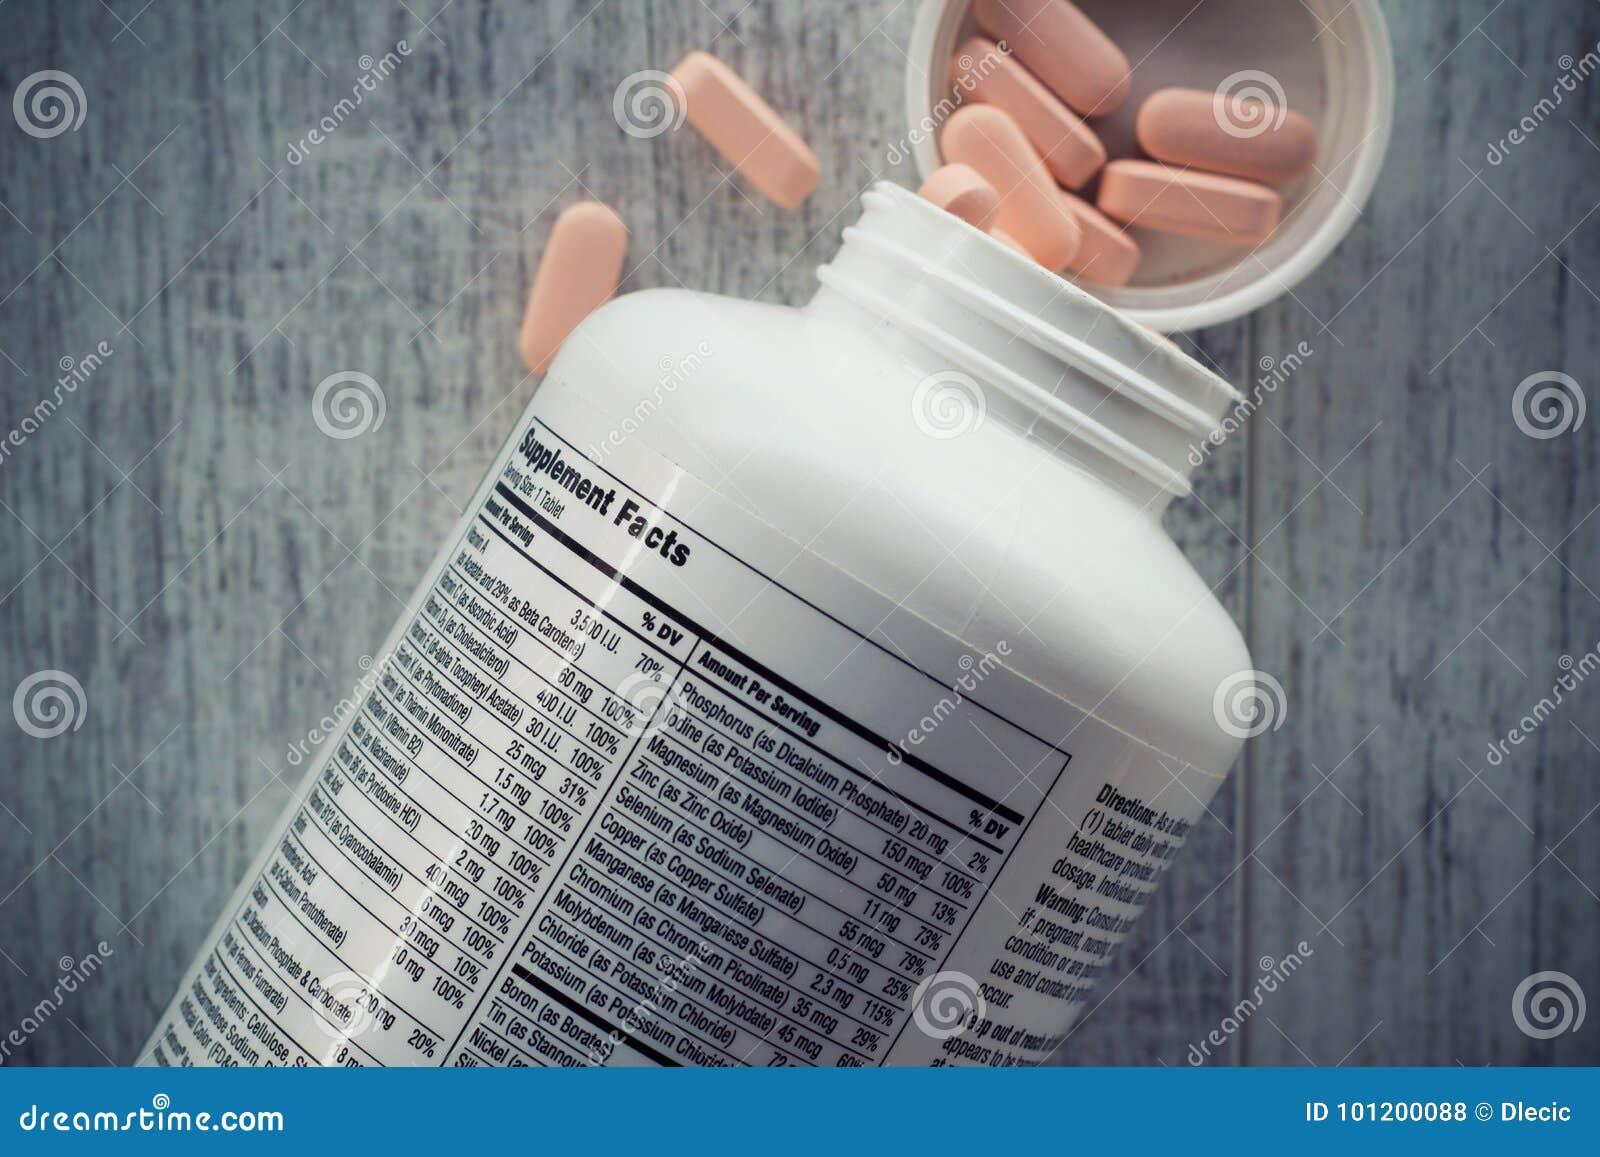 Nahaufnahme einer Flasche Vitamine